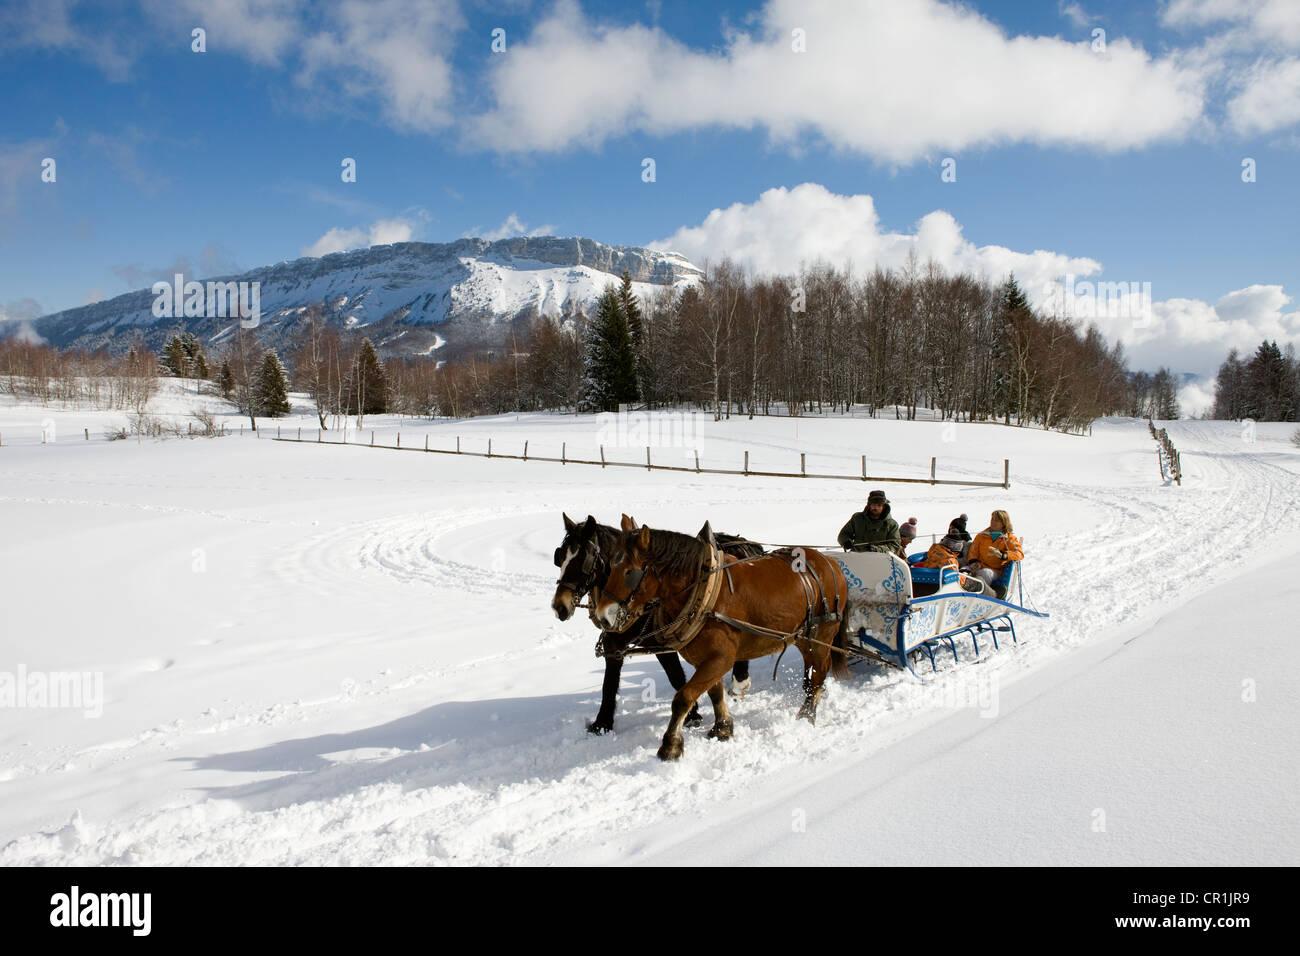 France, Savoie, la Feclaz, massif des Bauges, sleigh trip, Mont de Margeriaz 1845m - Stock Image